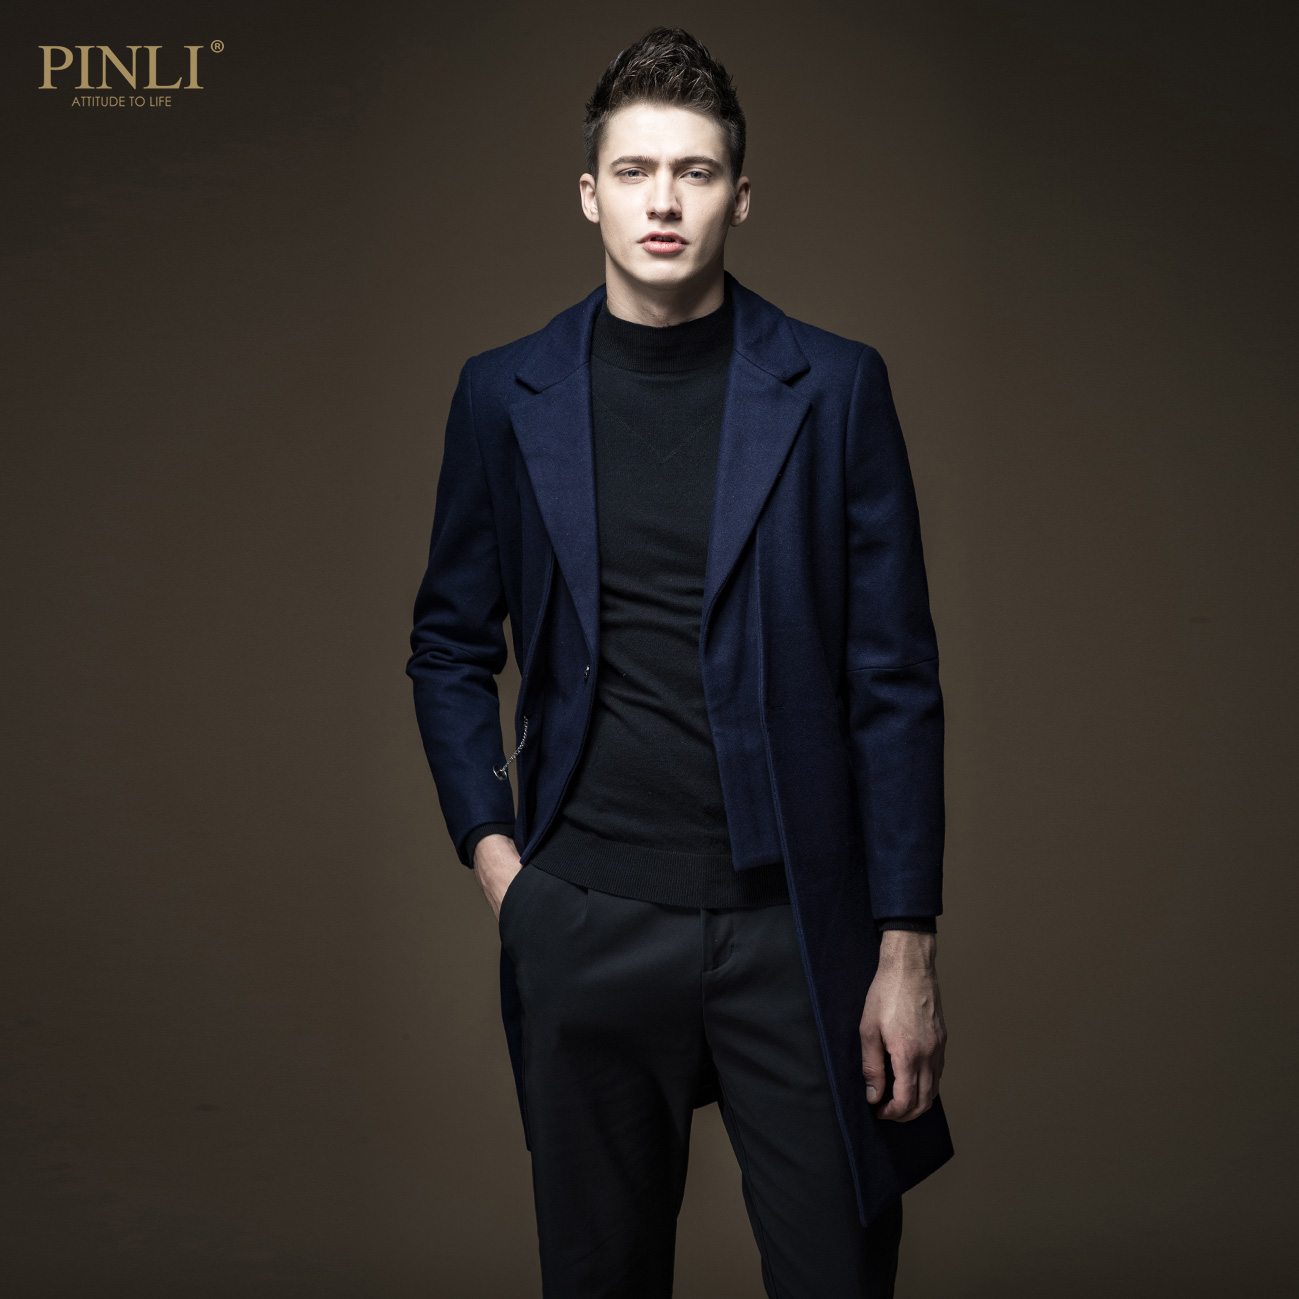 2019 Half Sobretudo Masculino Sobretudo Masculino Pinli Presents A New Winter Man's Lapel Collar, Long Wool Coat And B164202150